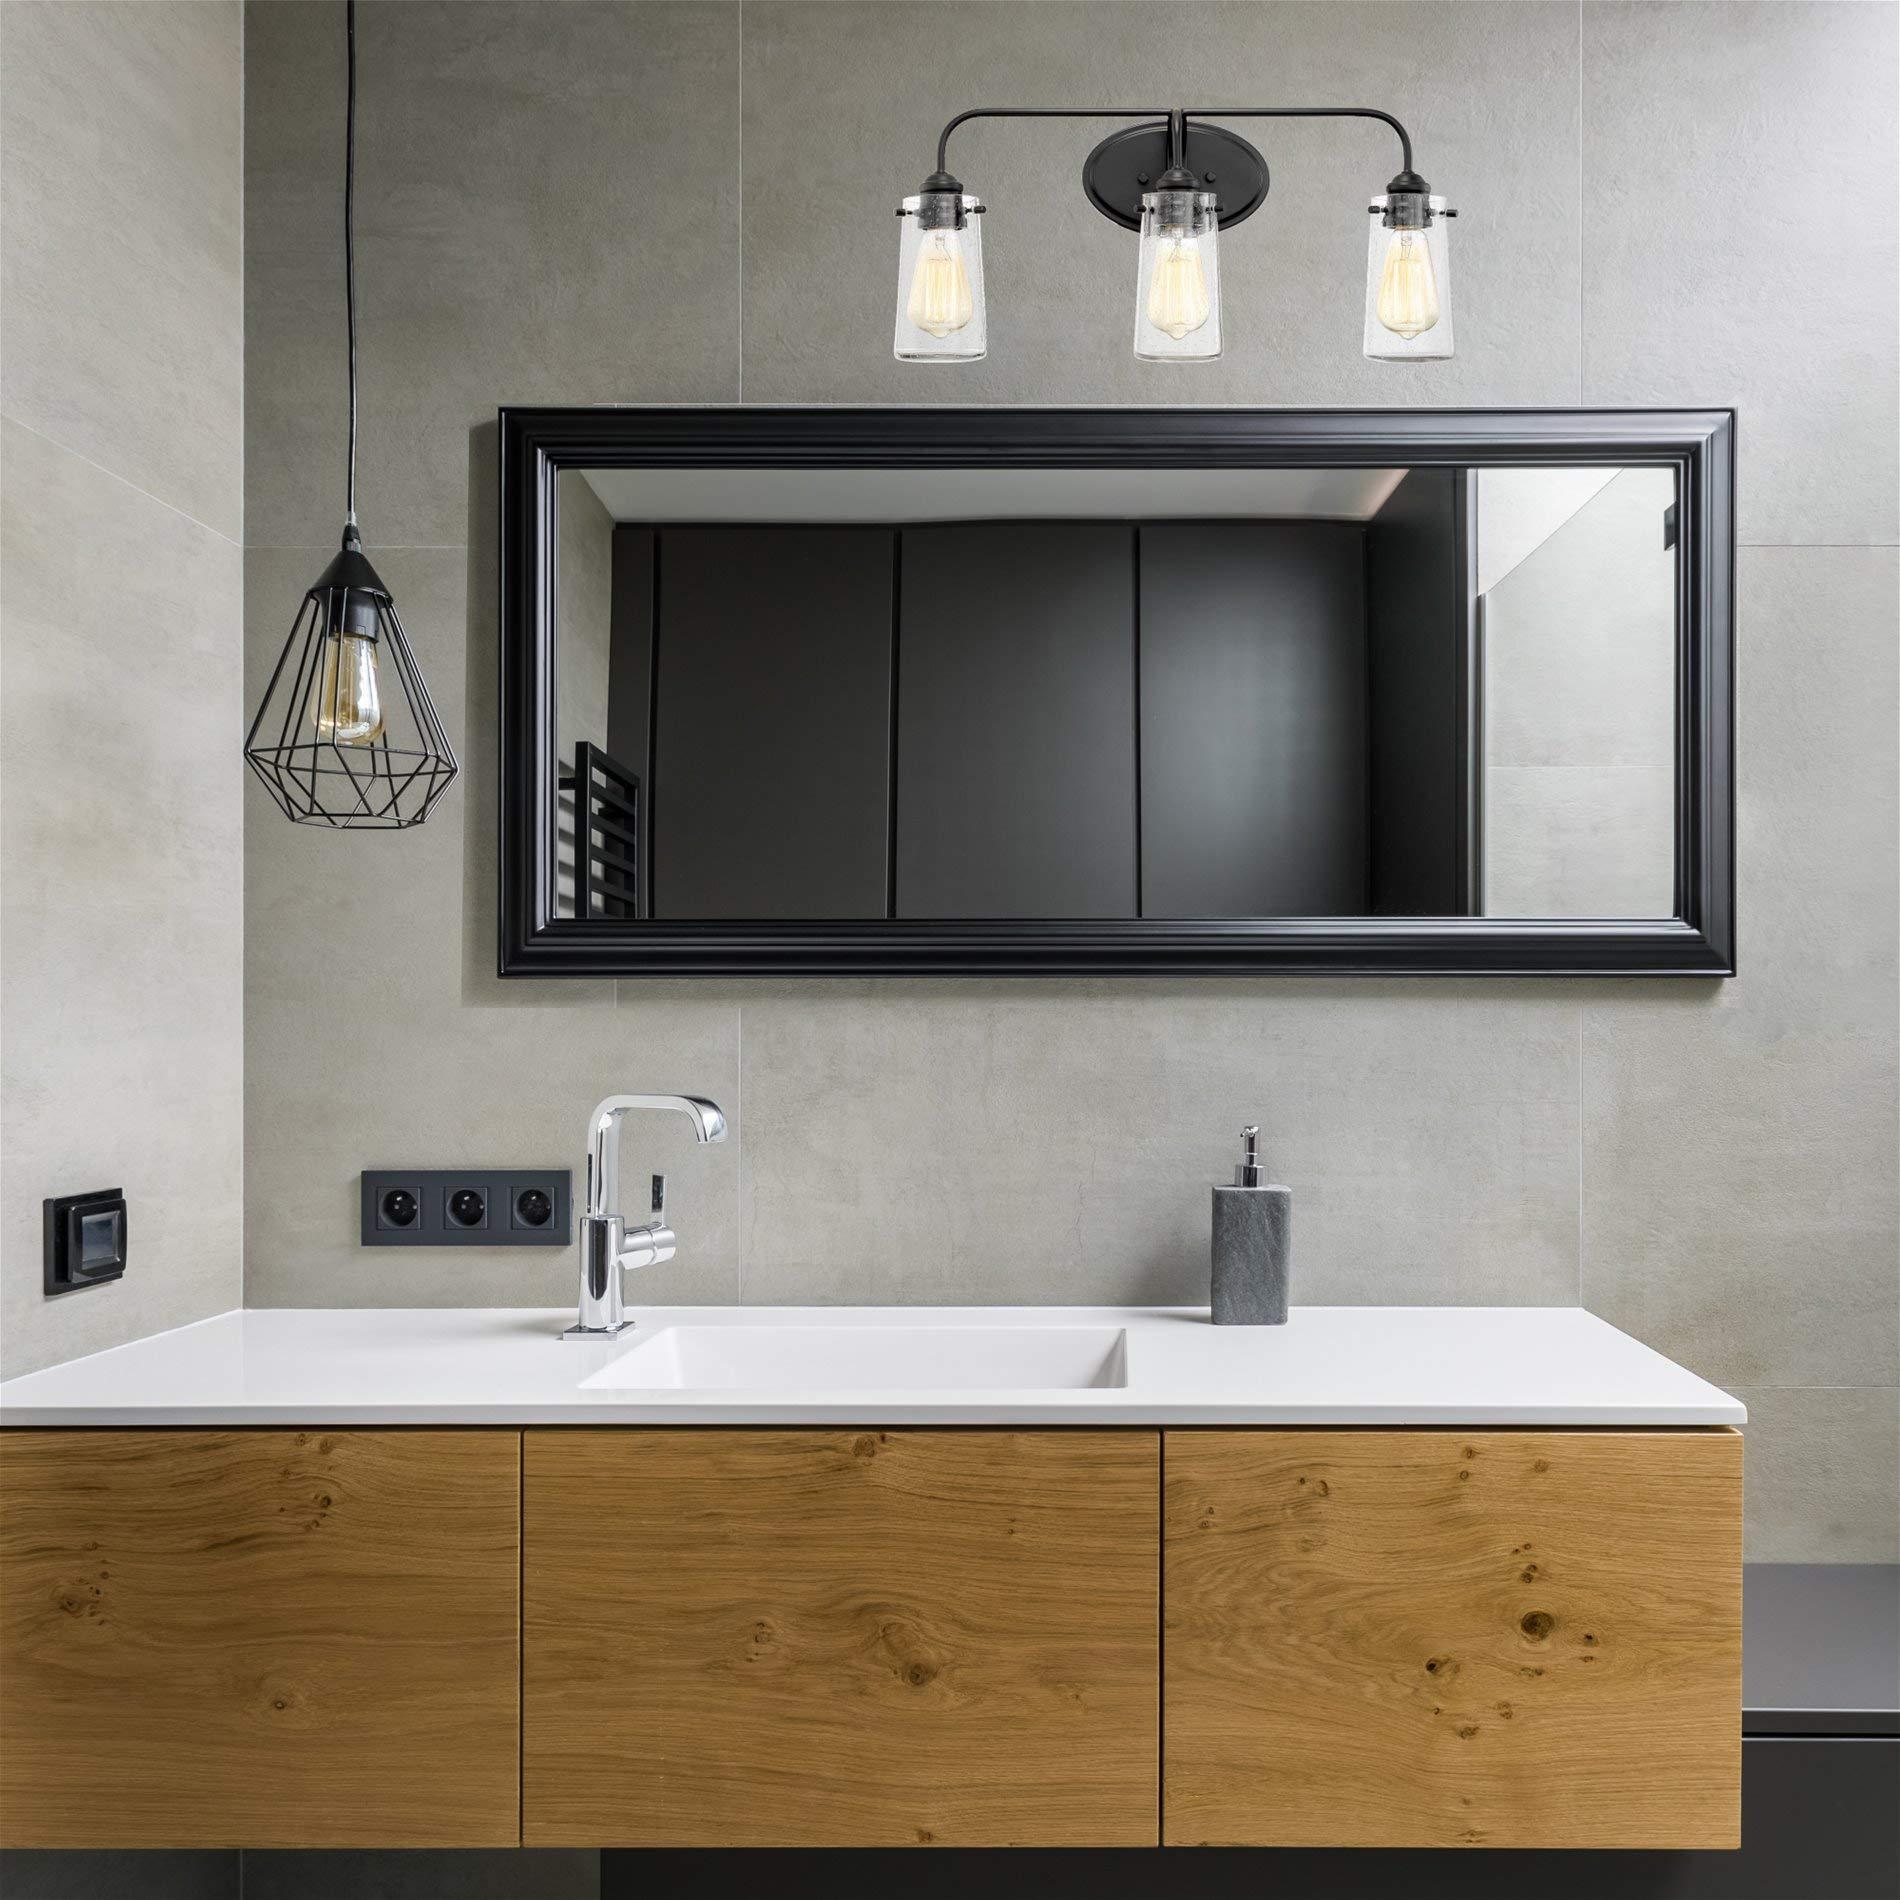 Kira Home Rayne 22.5'' Modern 3-Light Vanity/Bathroom Light, Seeded Glass + Matte Black Finish by Kira Home (Image #3)